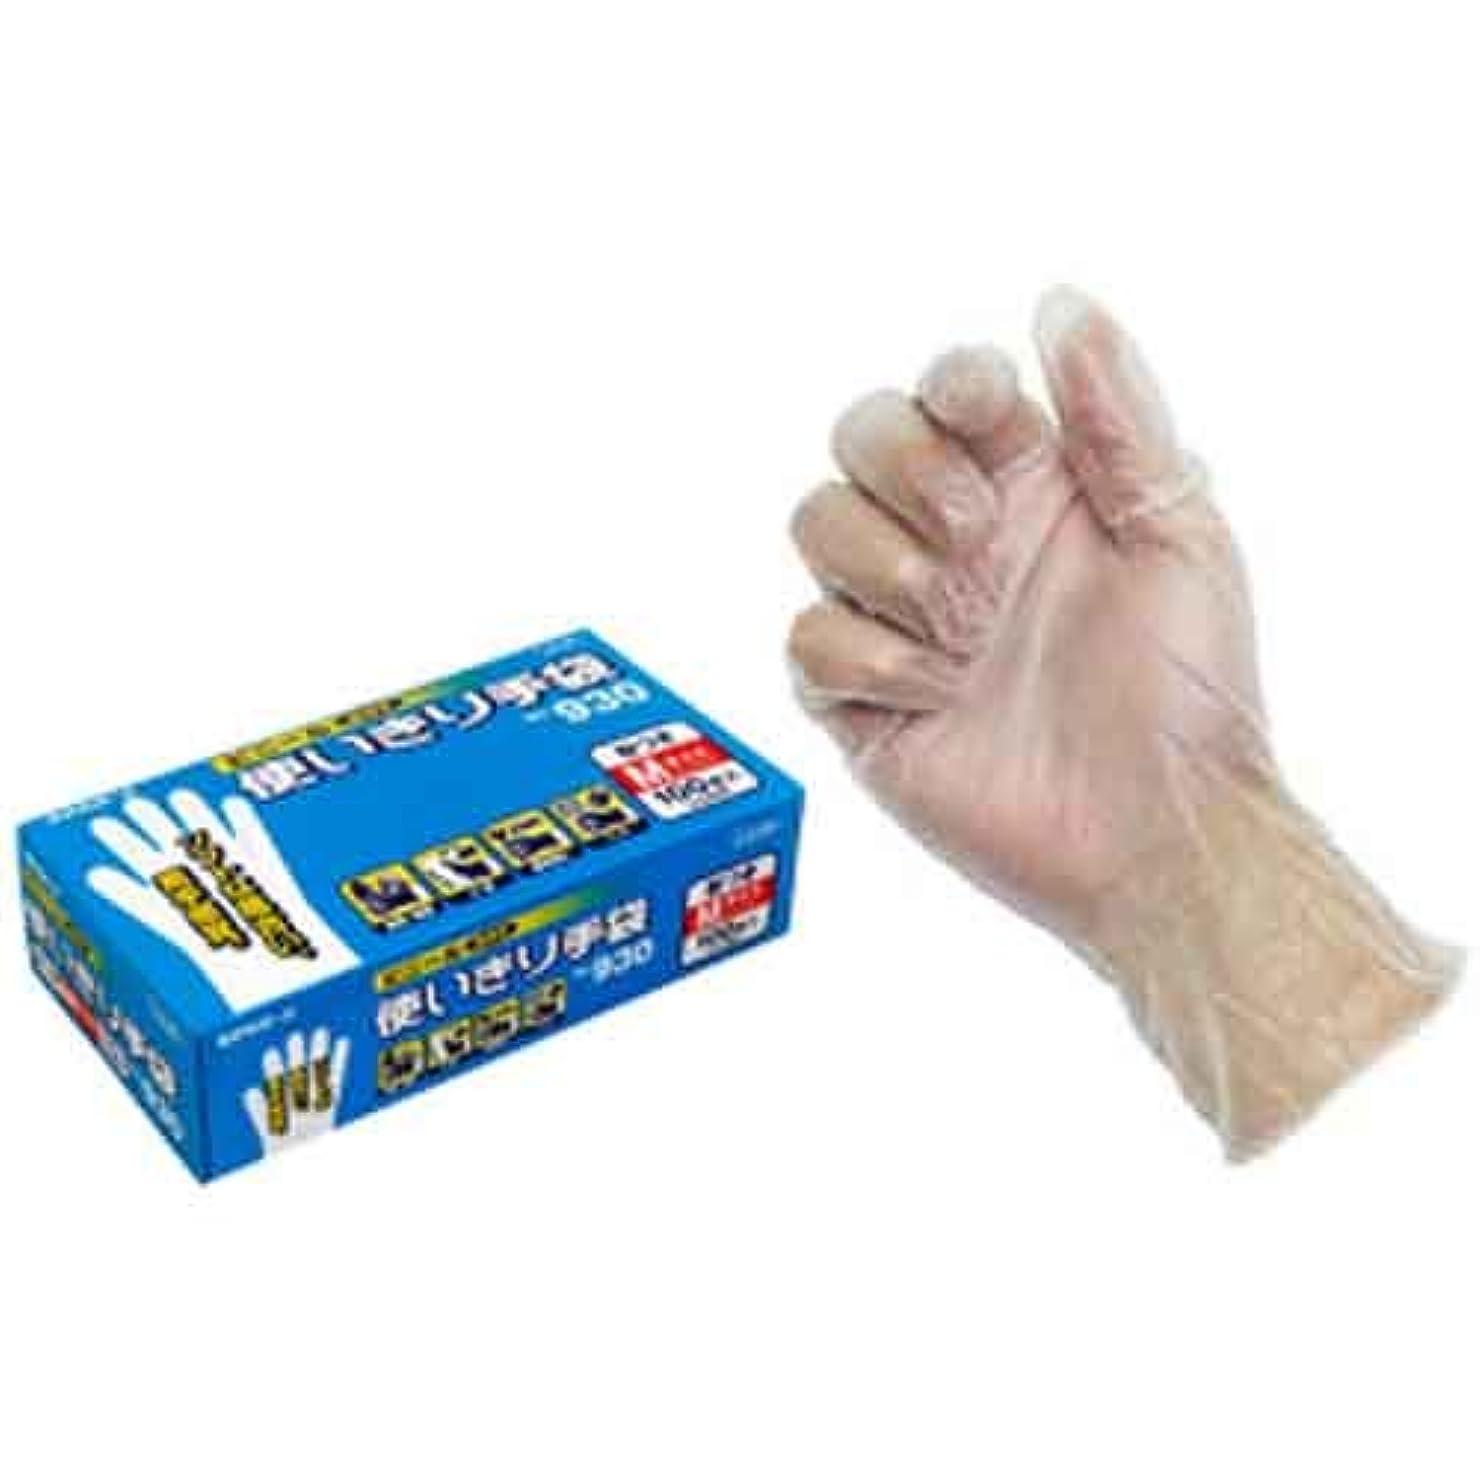 アイロニー計算可能交渉するビニール使いきり手袋(粉付)100枚入(箱) 930 M